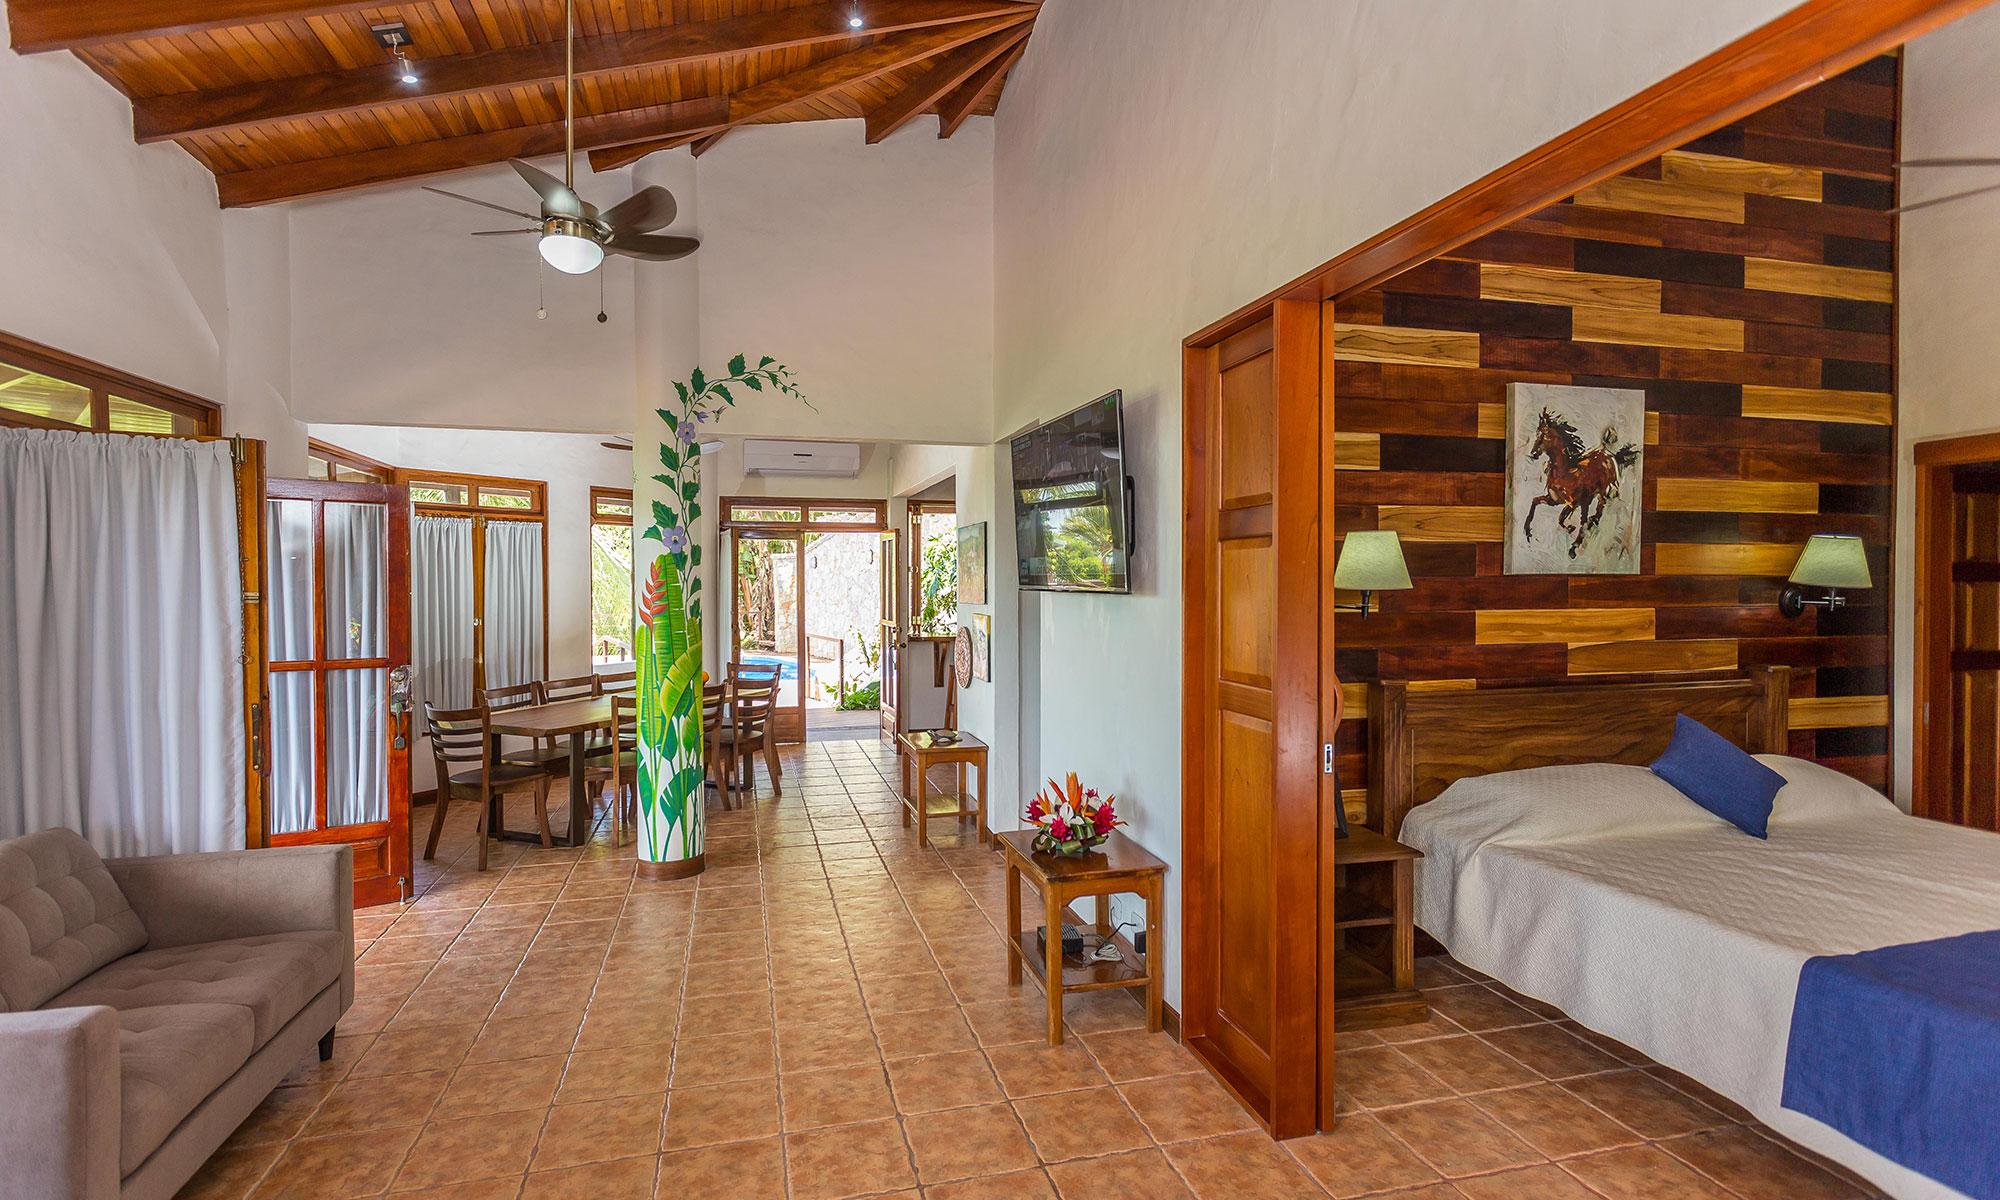 Villa Natura bedroom and dining room